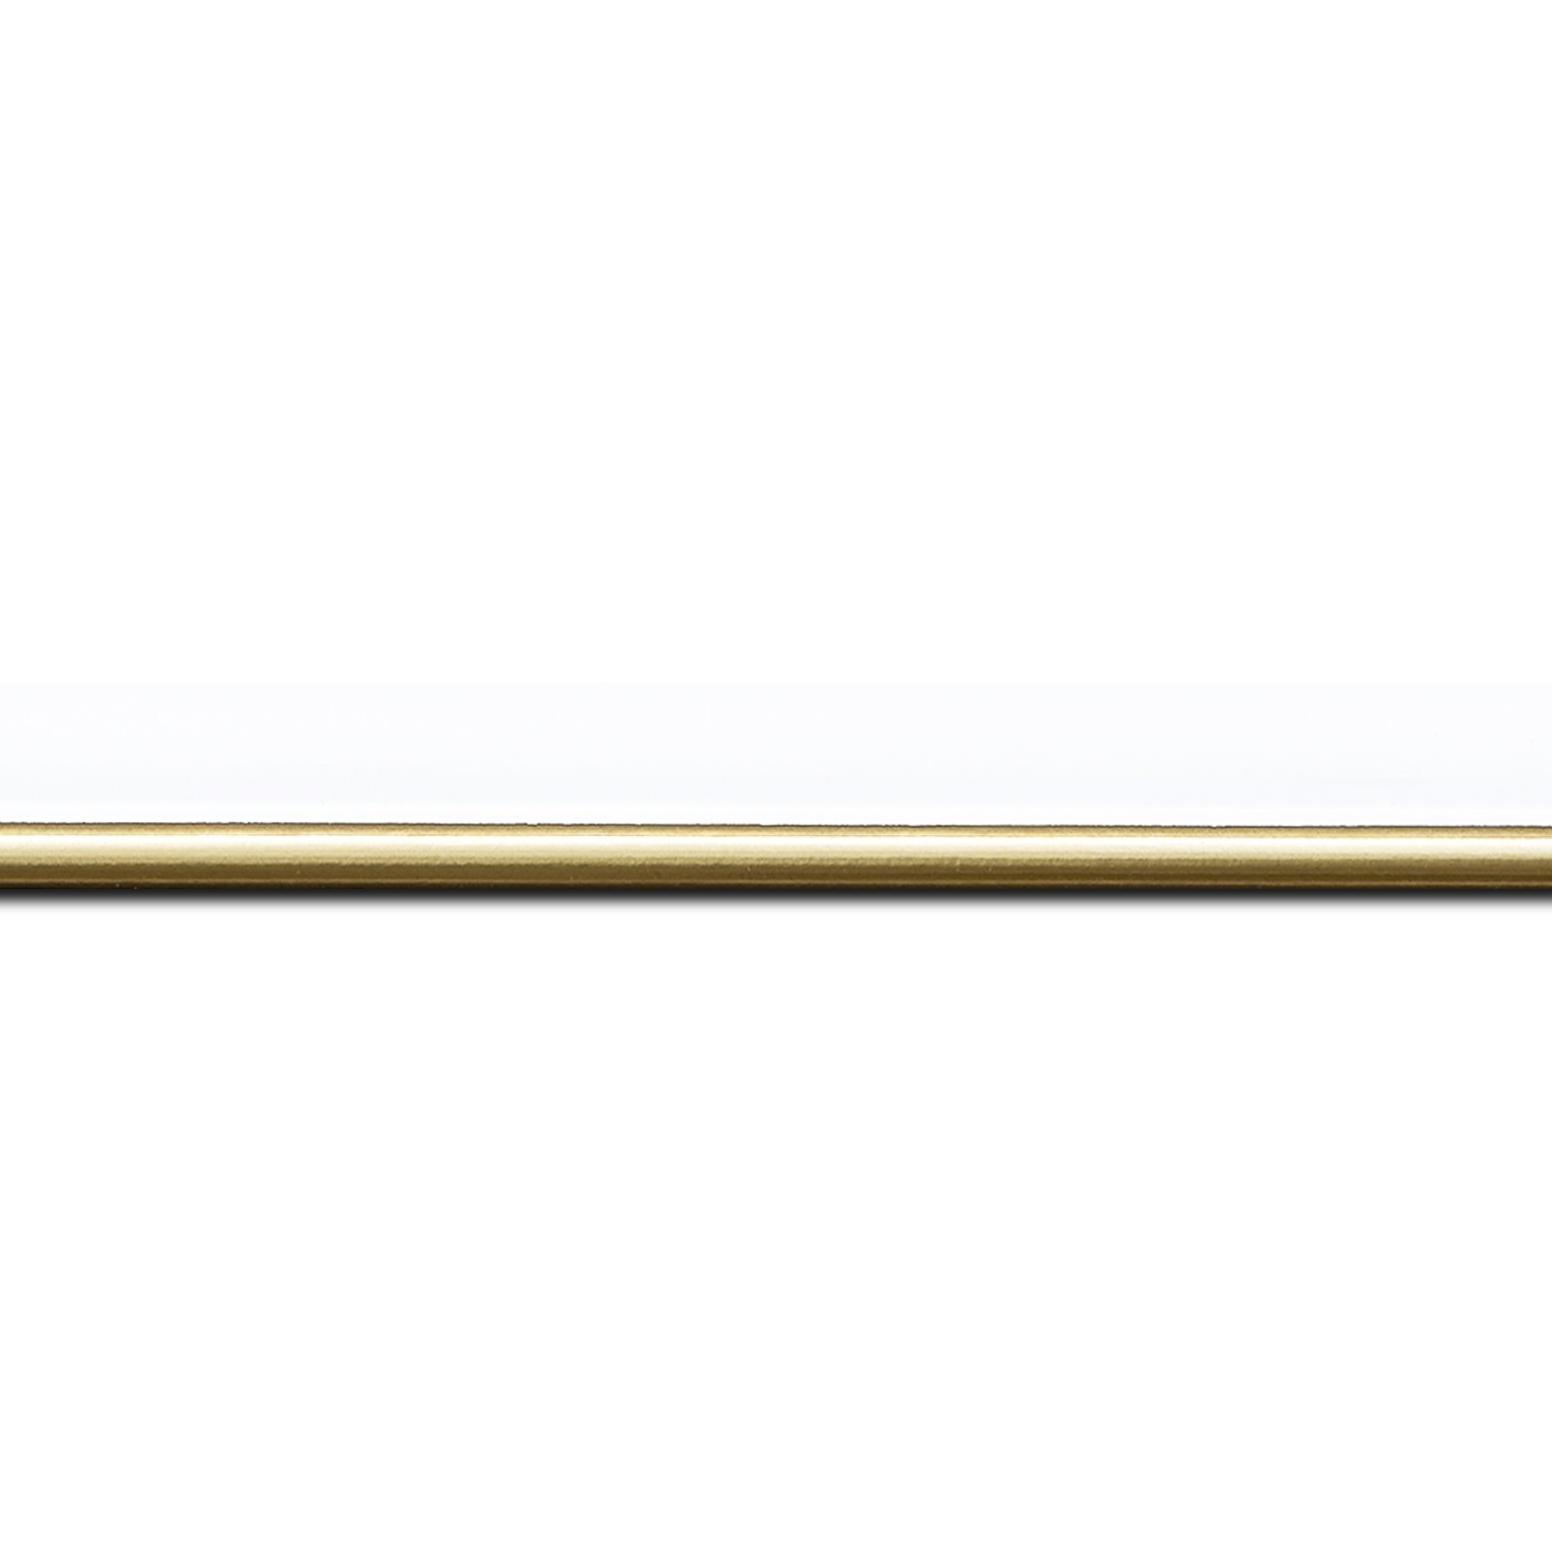 Pack par 12m, bois profil arrondi largeur 2.1cm couleur blanc mat filet or (longueur baguette pouvant varier entre 2.40m et 3m selon arrivage des bois)